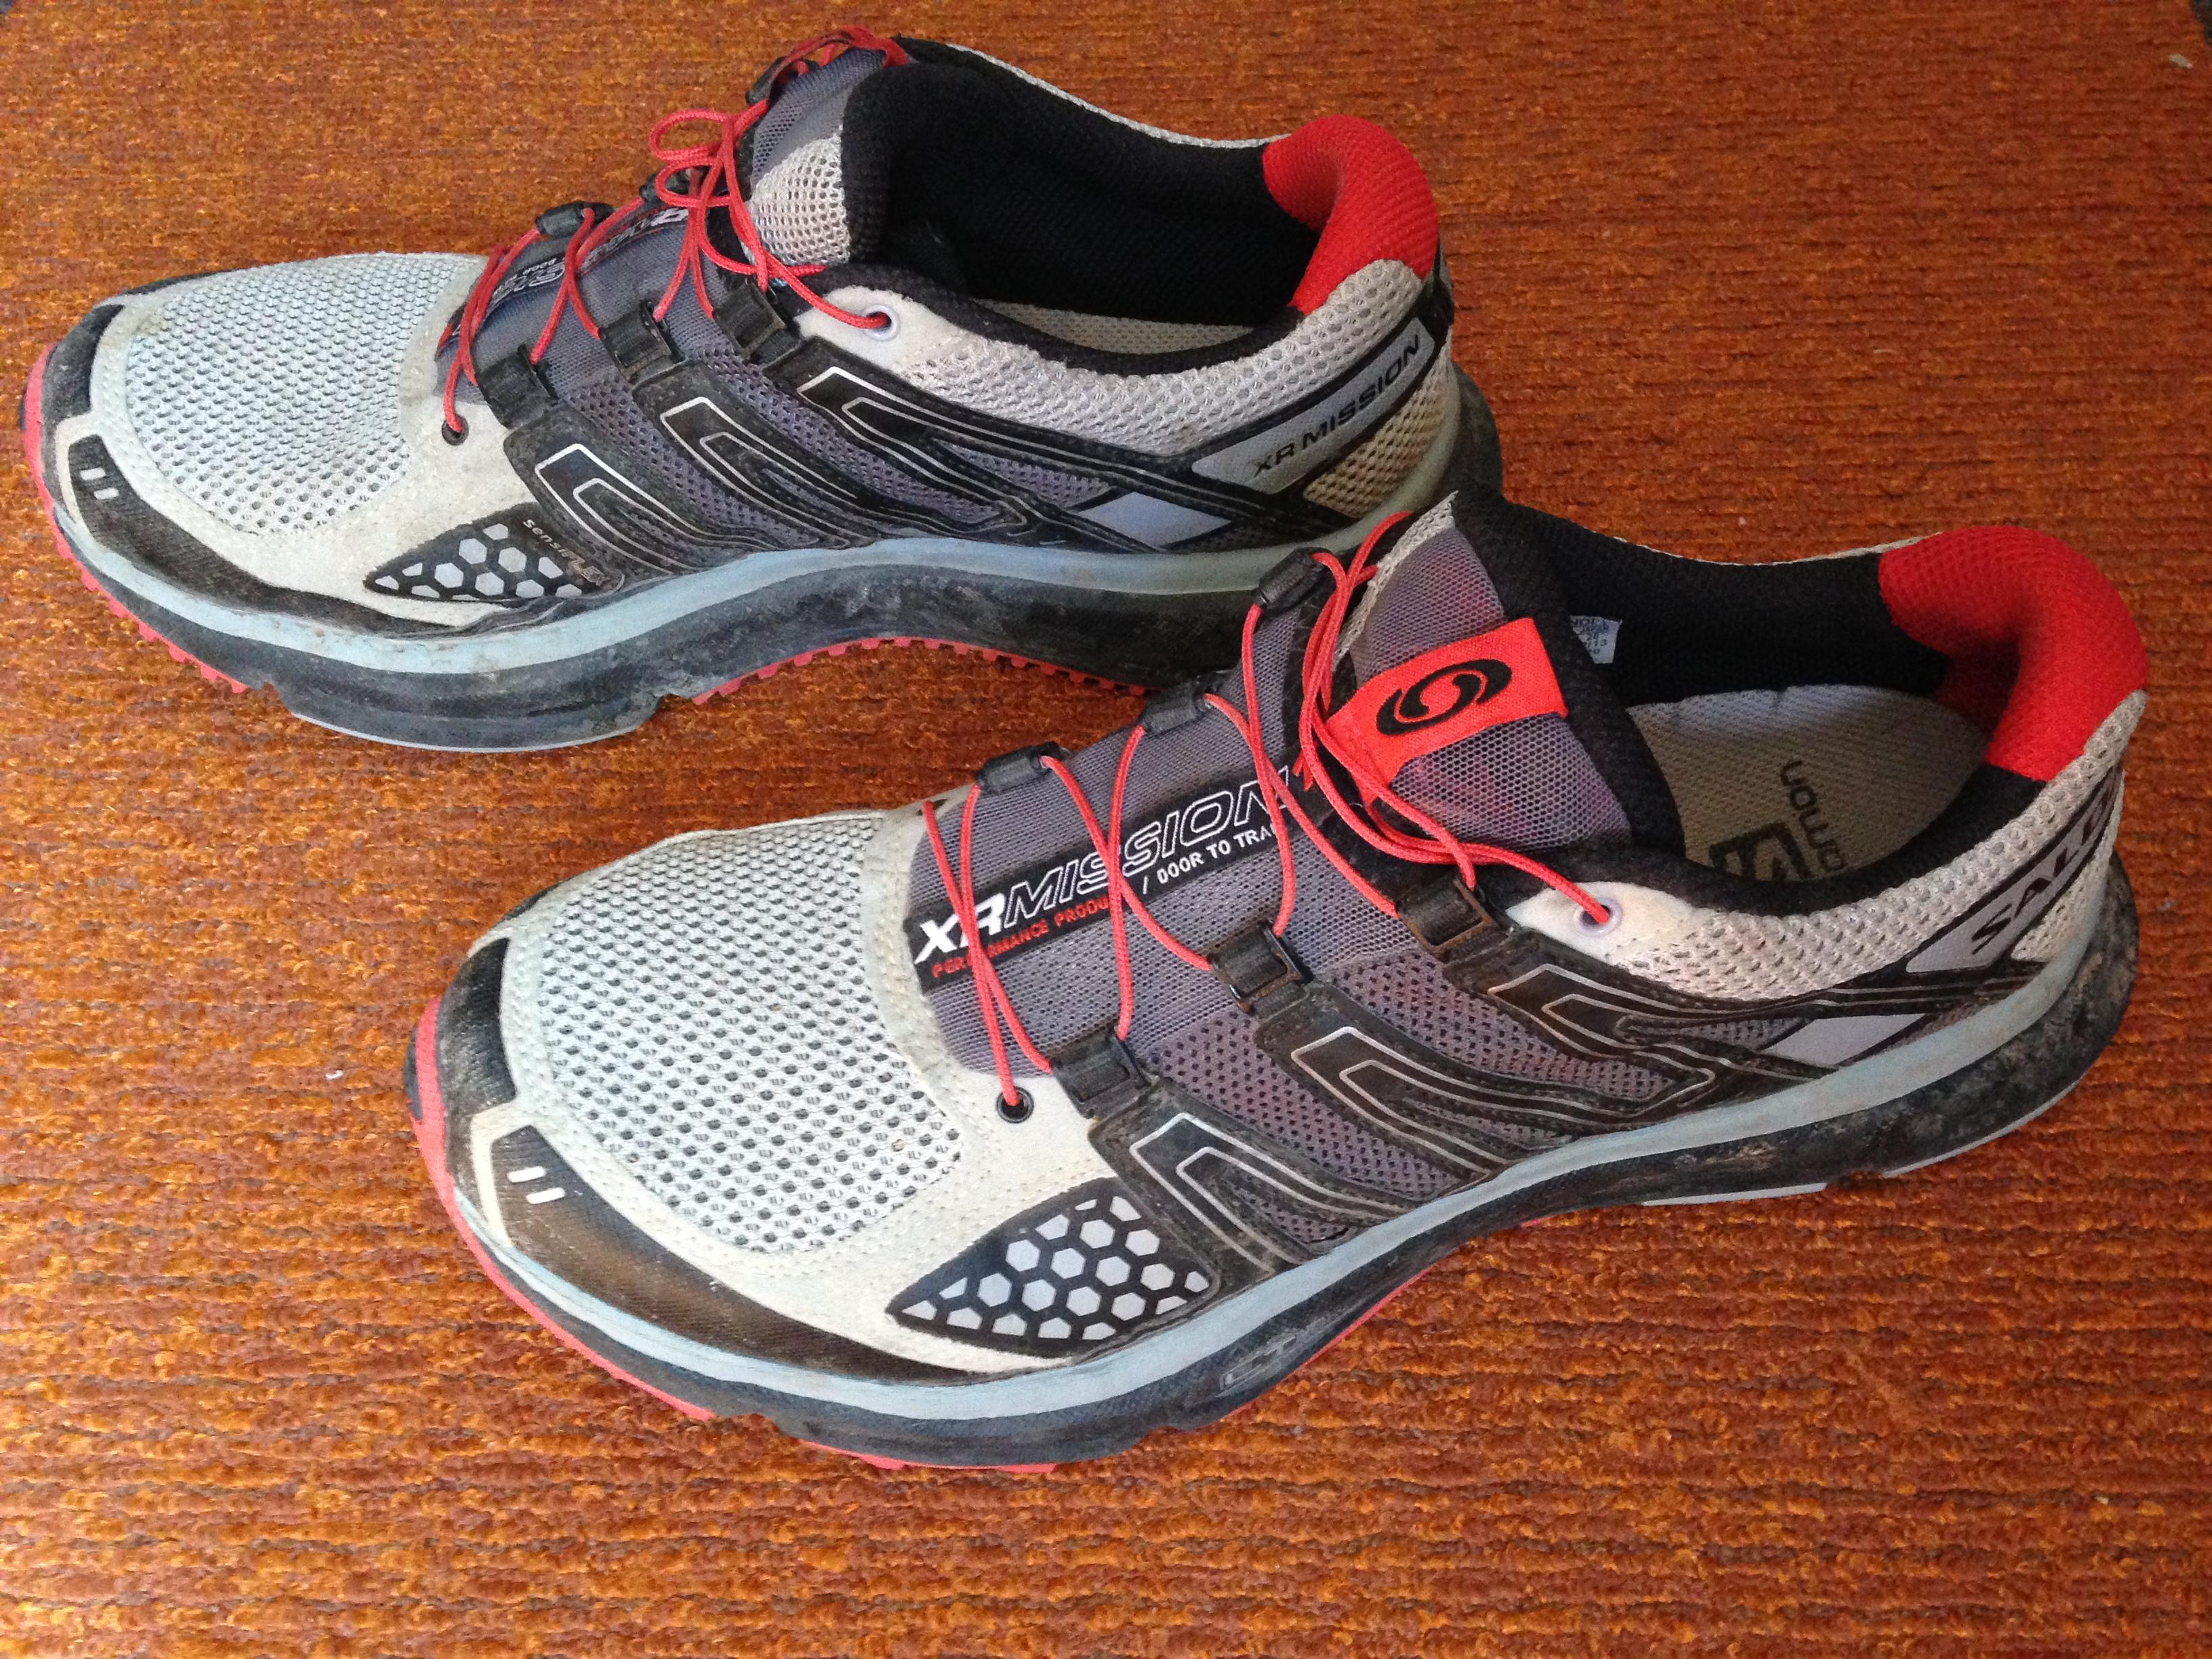 économiser 90755 920ef Salomon XR Mission Trail Shoe Review | edwardsousa